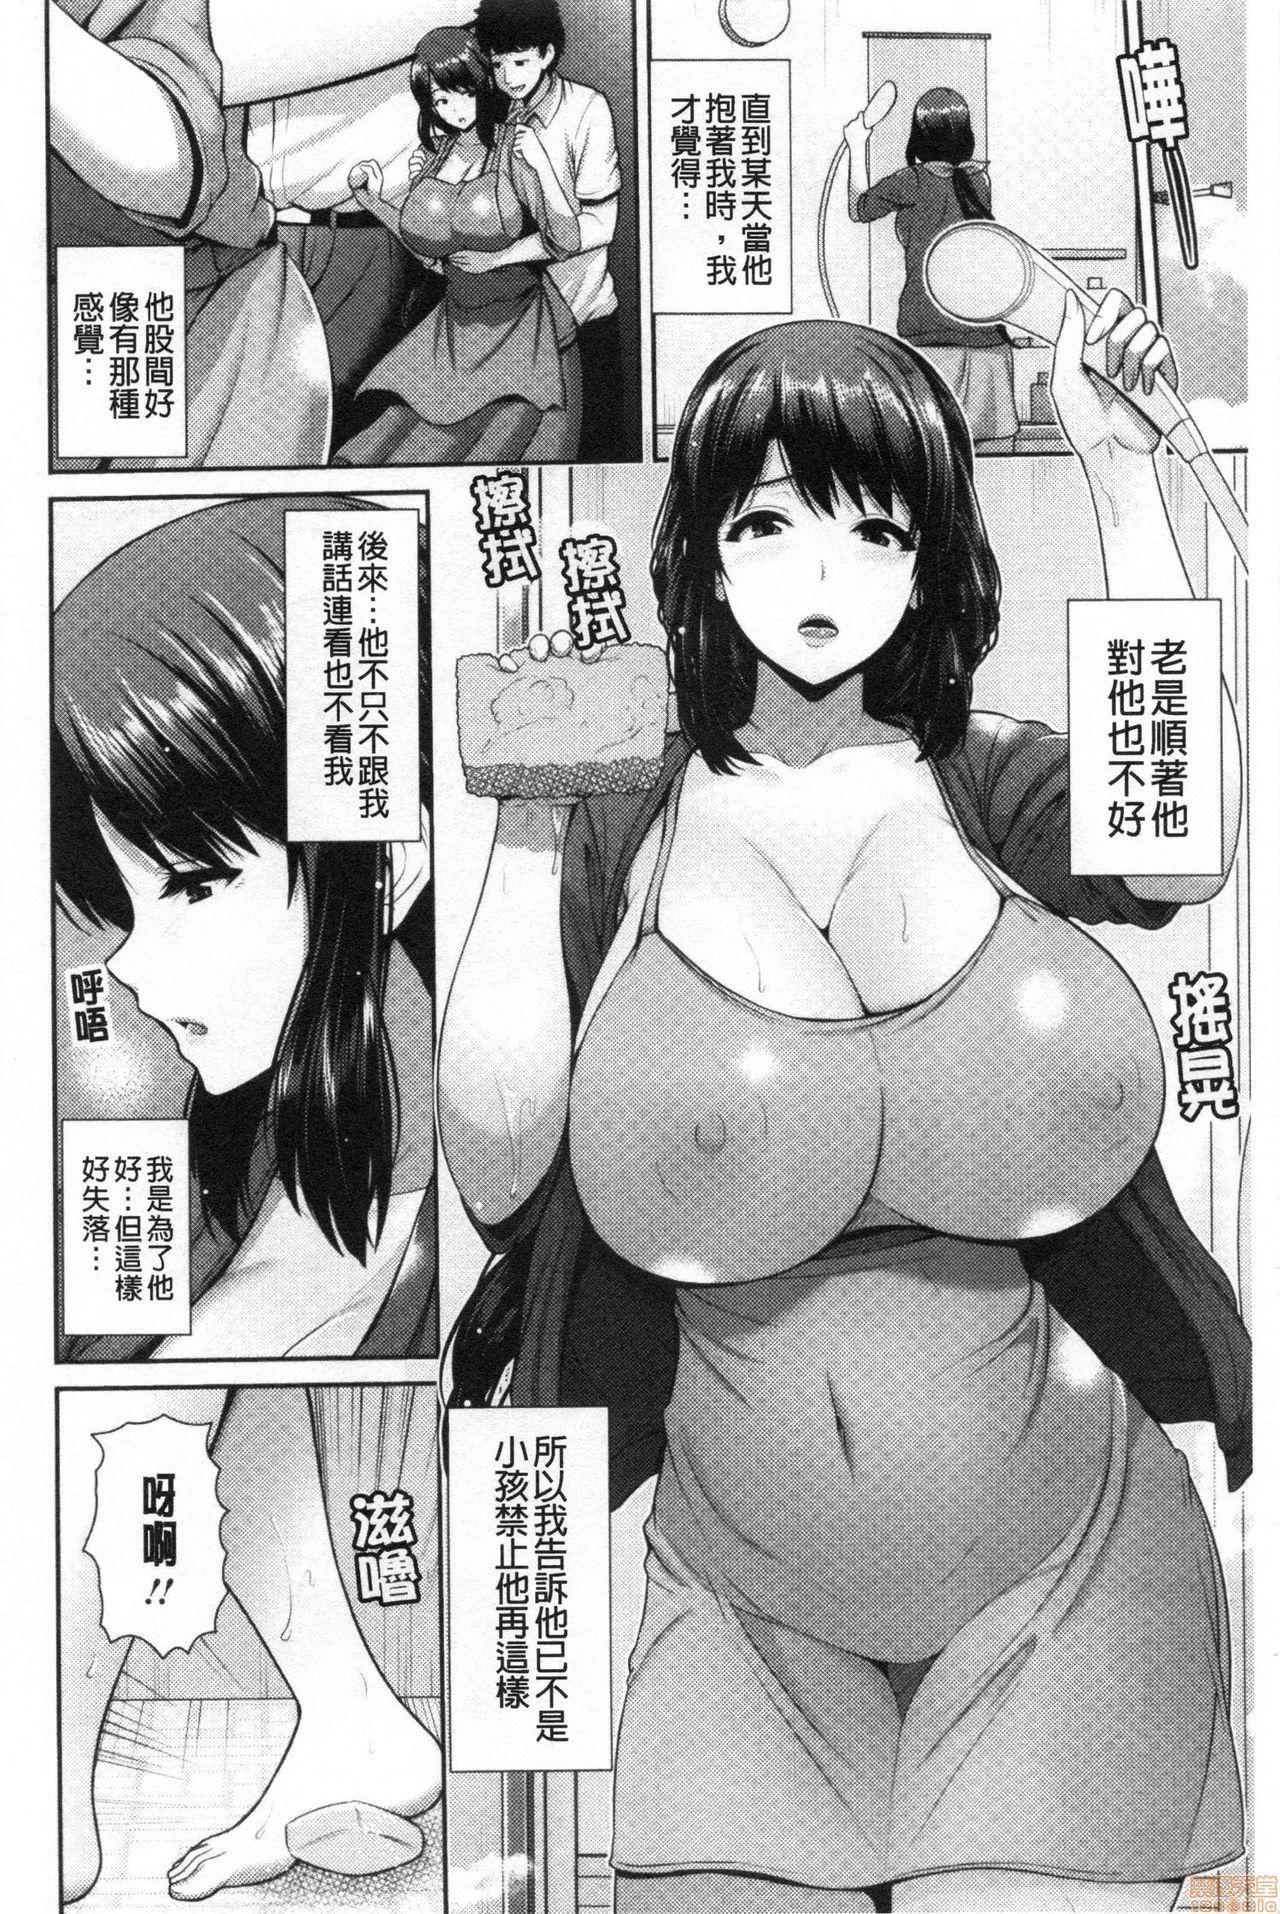 Shitsu Raku En 6